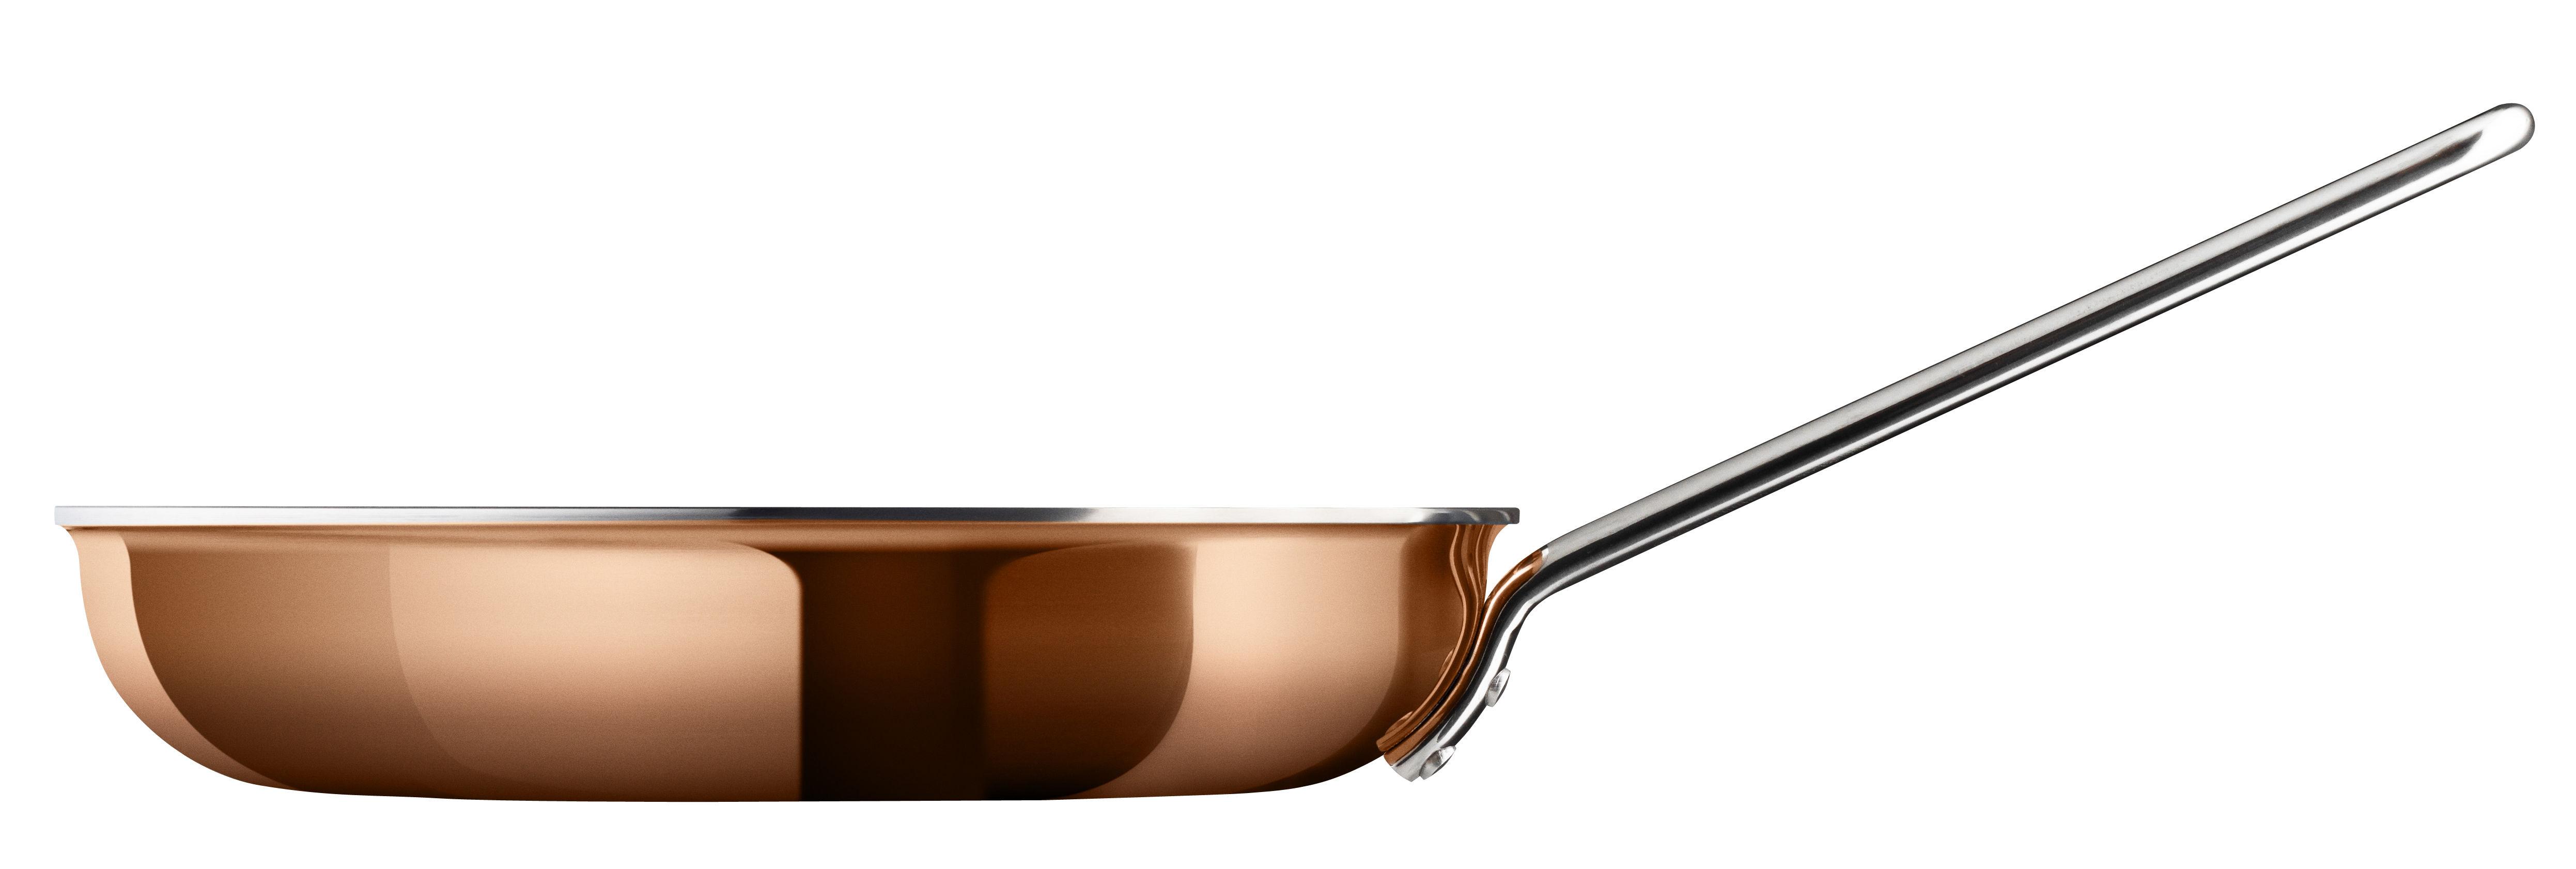 Cuisine - Casseroles, poêles, plats... - Poêle Copper / Ø 24 cm - Eva Trio - Cuivre - Acier, Aluminium, Cuivre